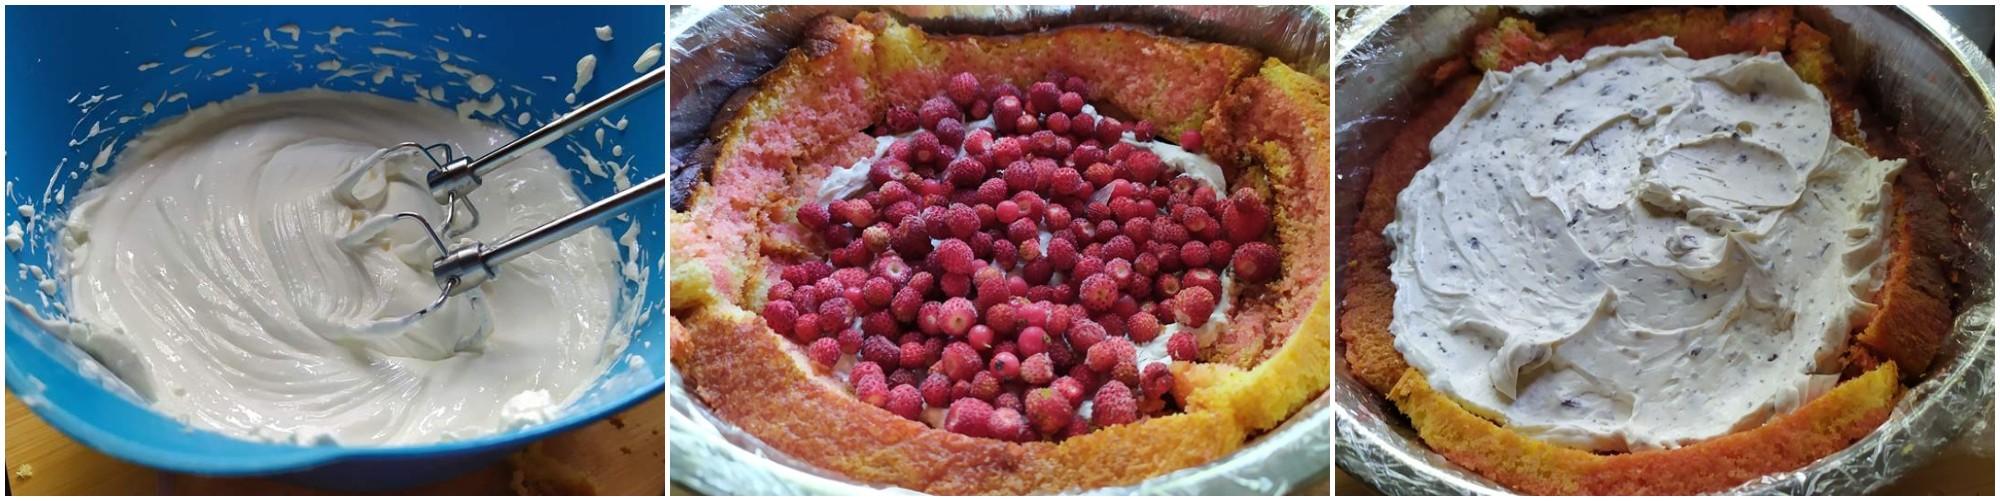 Zuccotto stracciatella e frutti di bosco